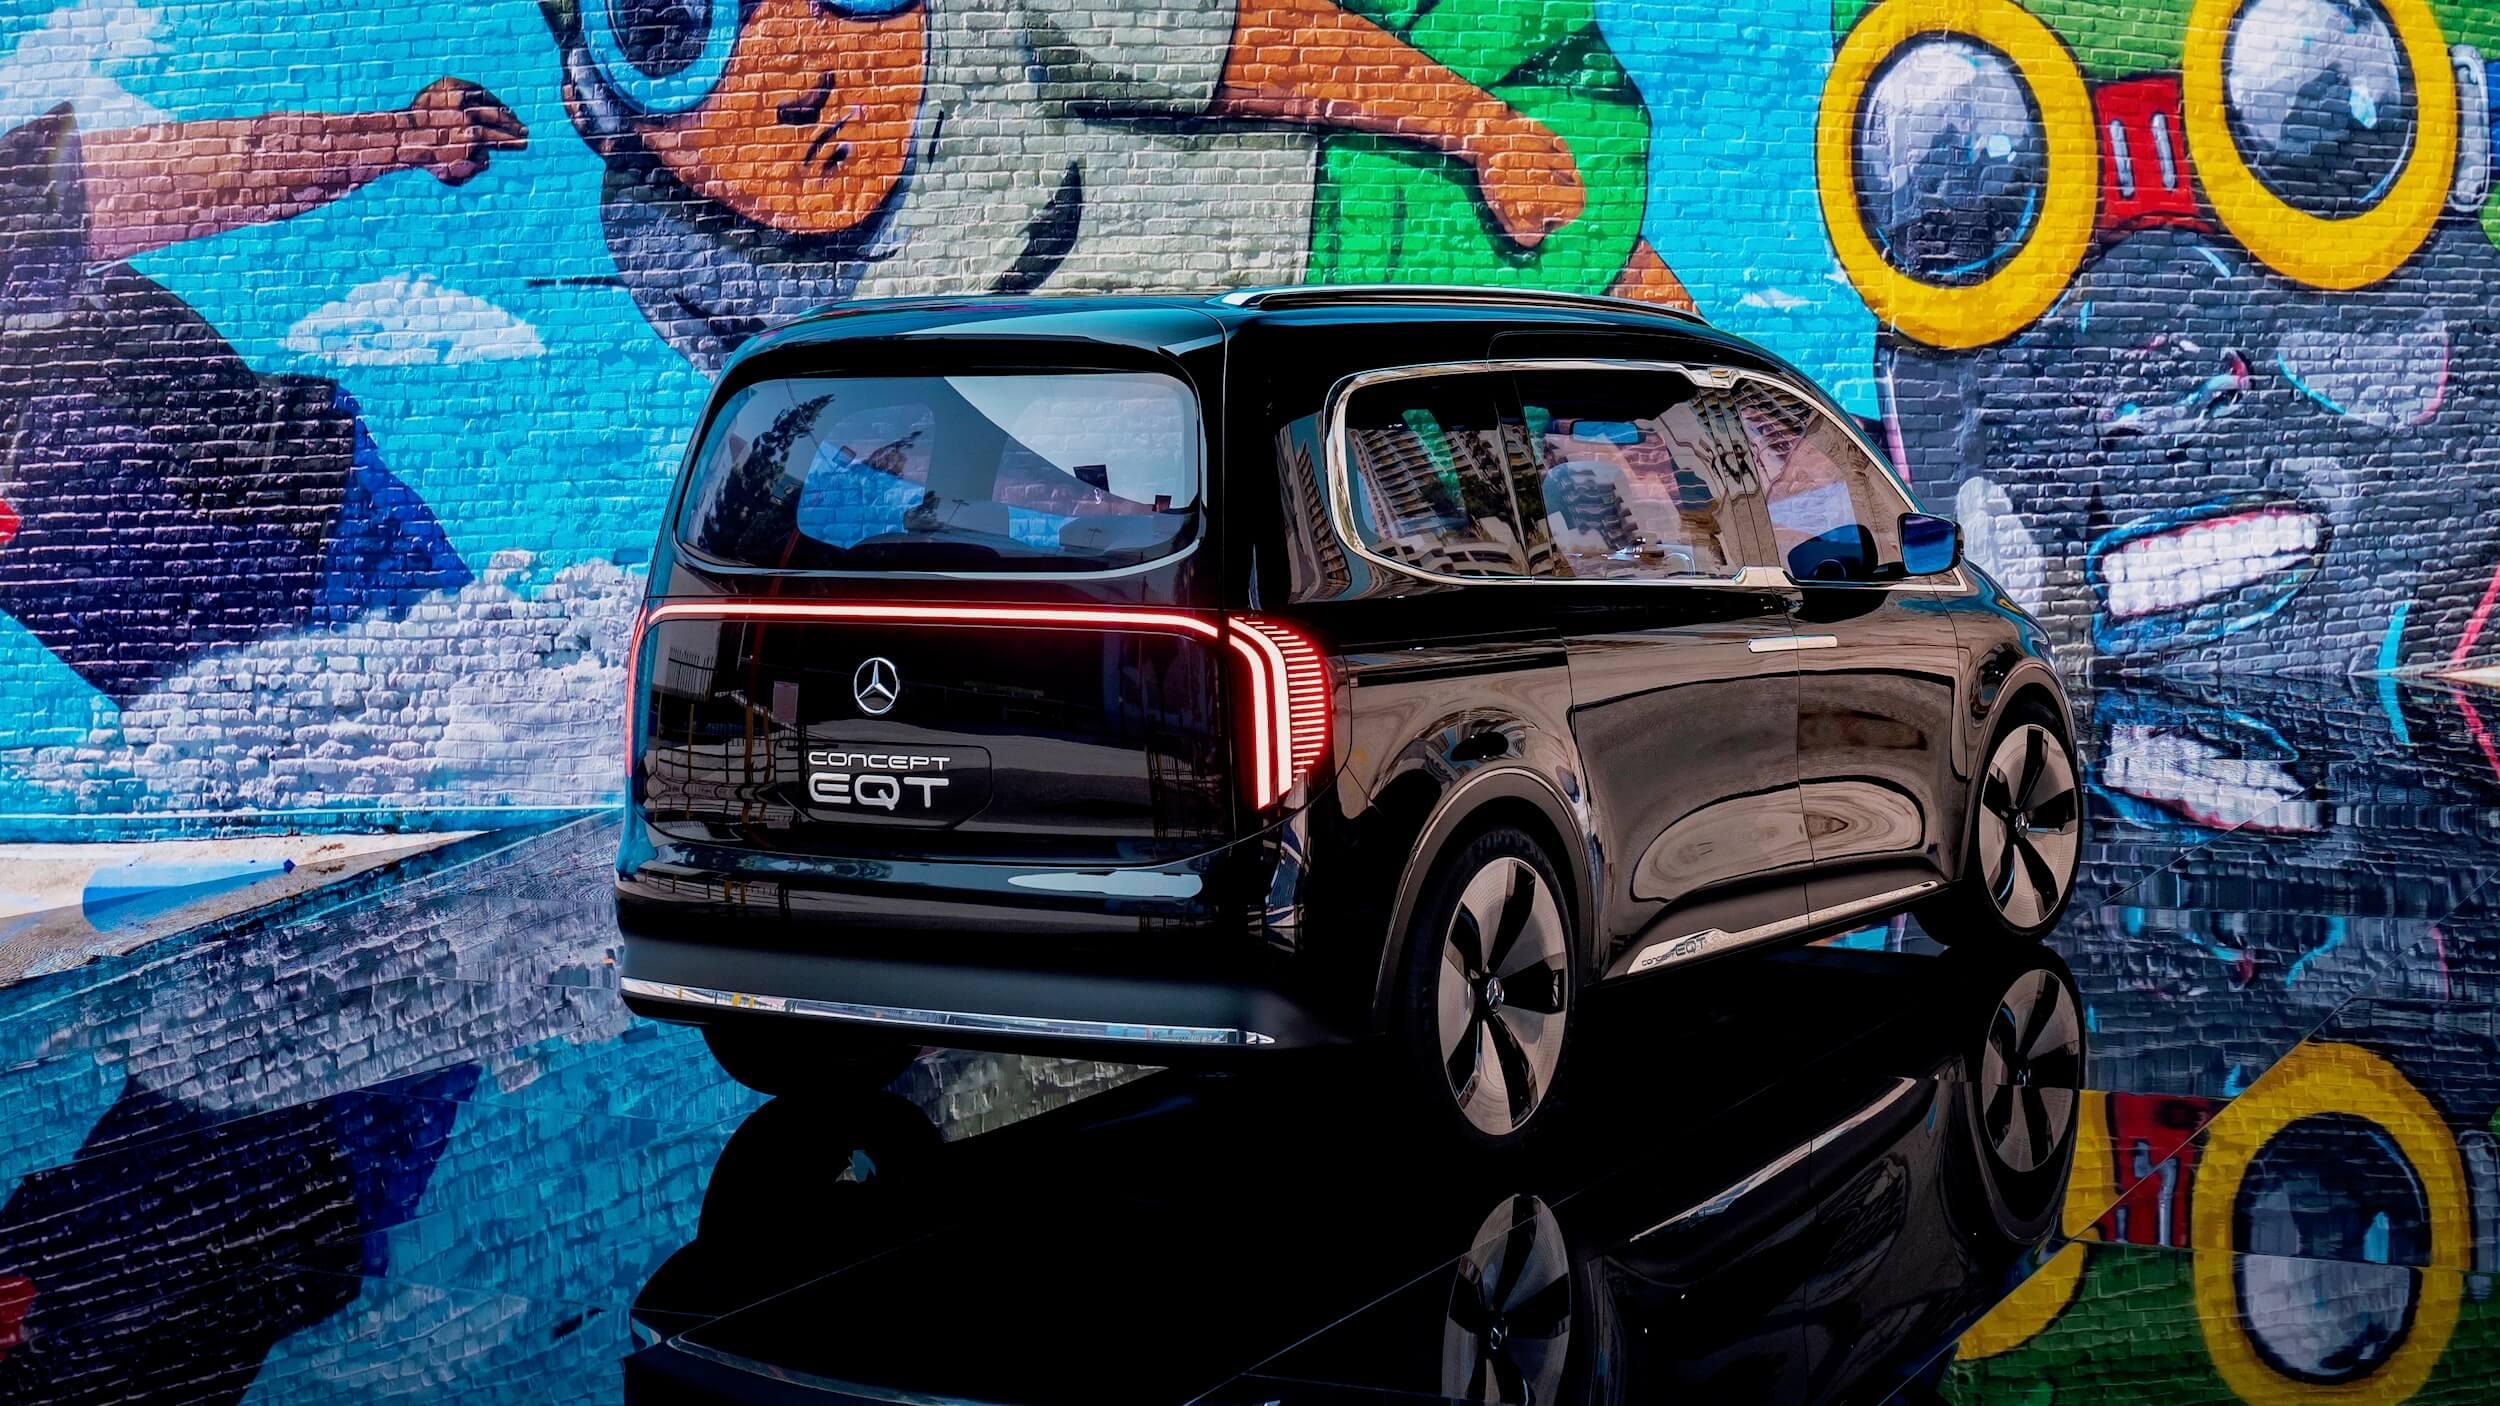 Mercedes EQT Concept 2